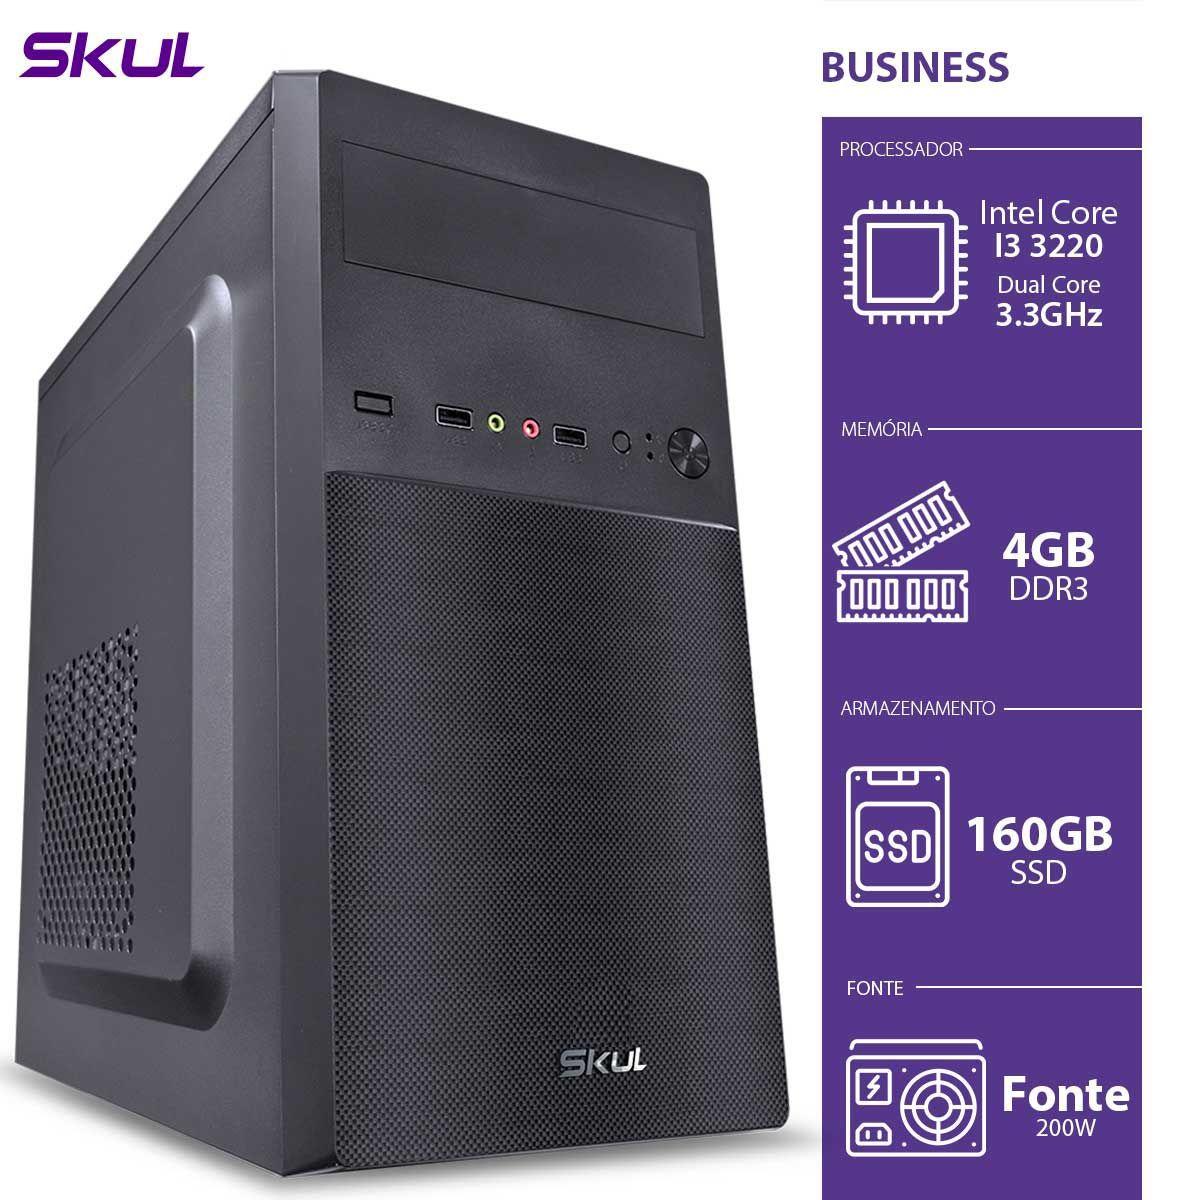 Computador Skul Business B300 I3, 4GB, SSD 160GB, FONTE 200W (Sob Encomenda)